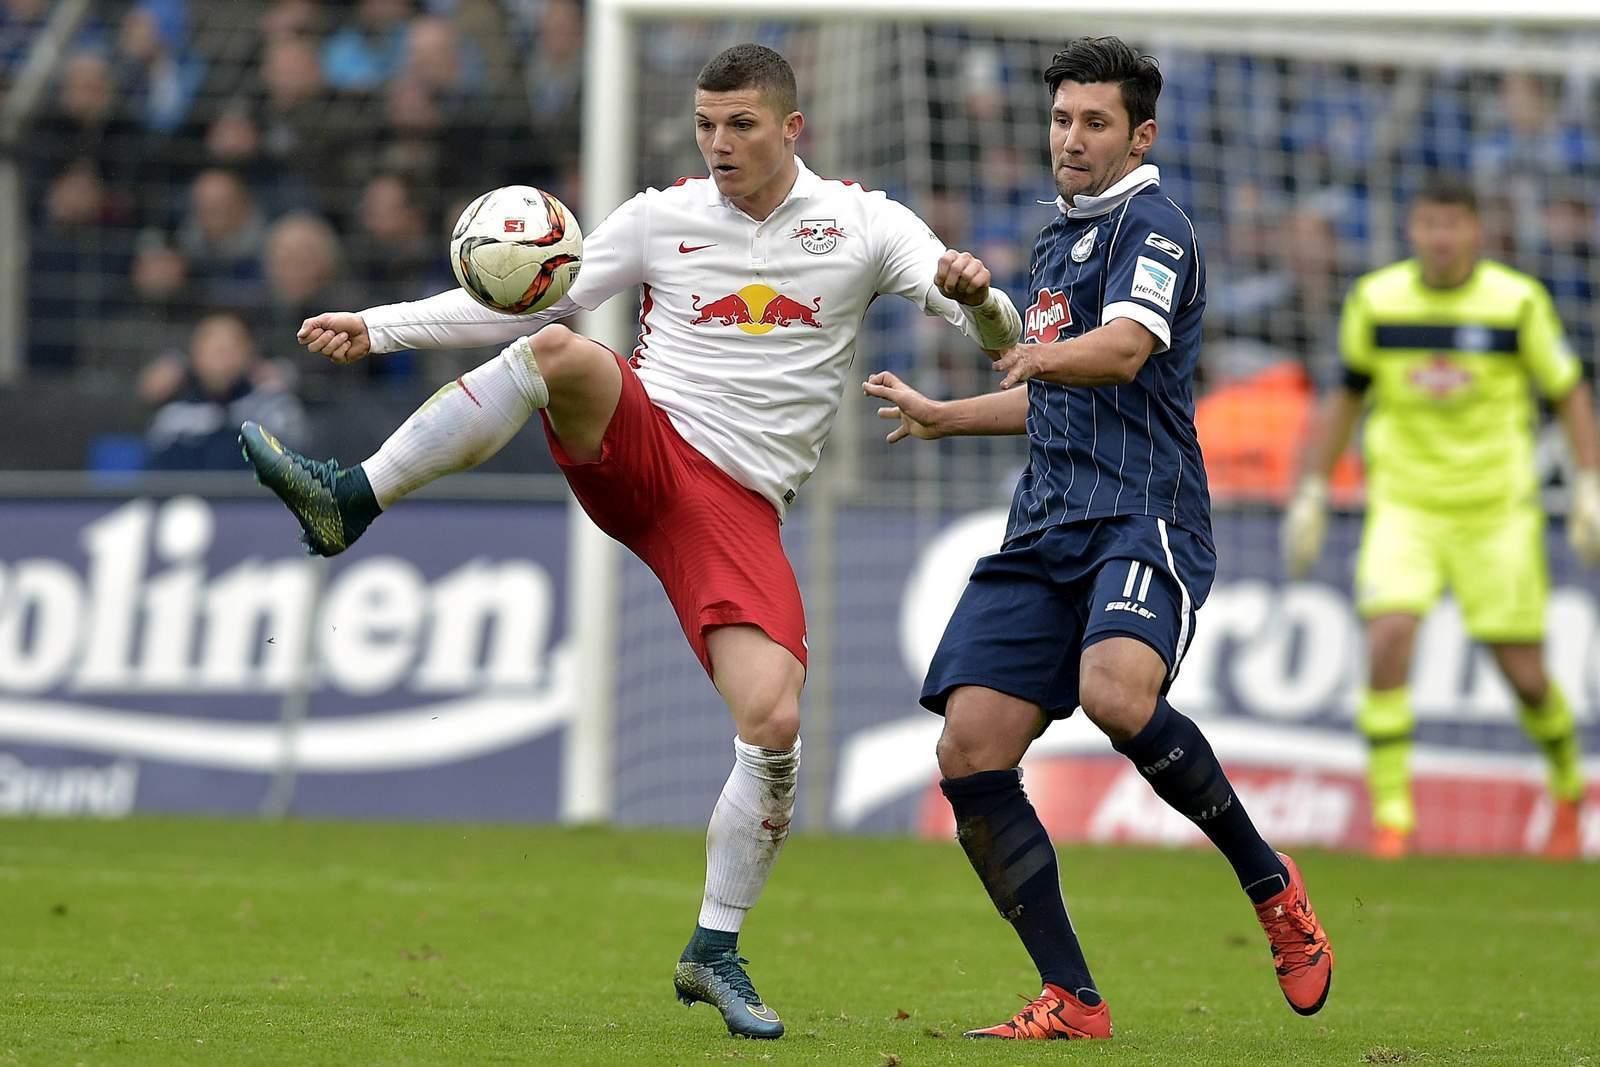 Setzt sich Sabitzer gegen Salger durch? Unser Tipp: Red Bull gewinnt gegen Bielefeld